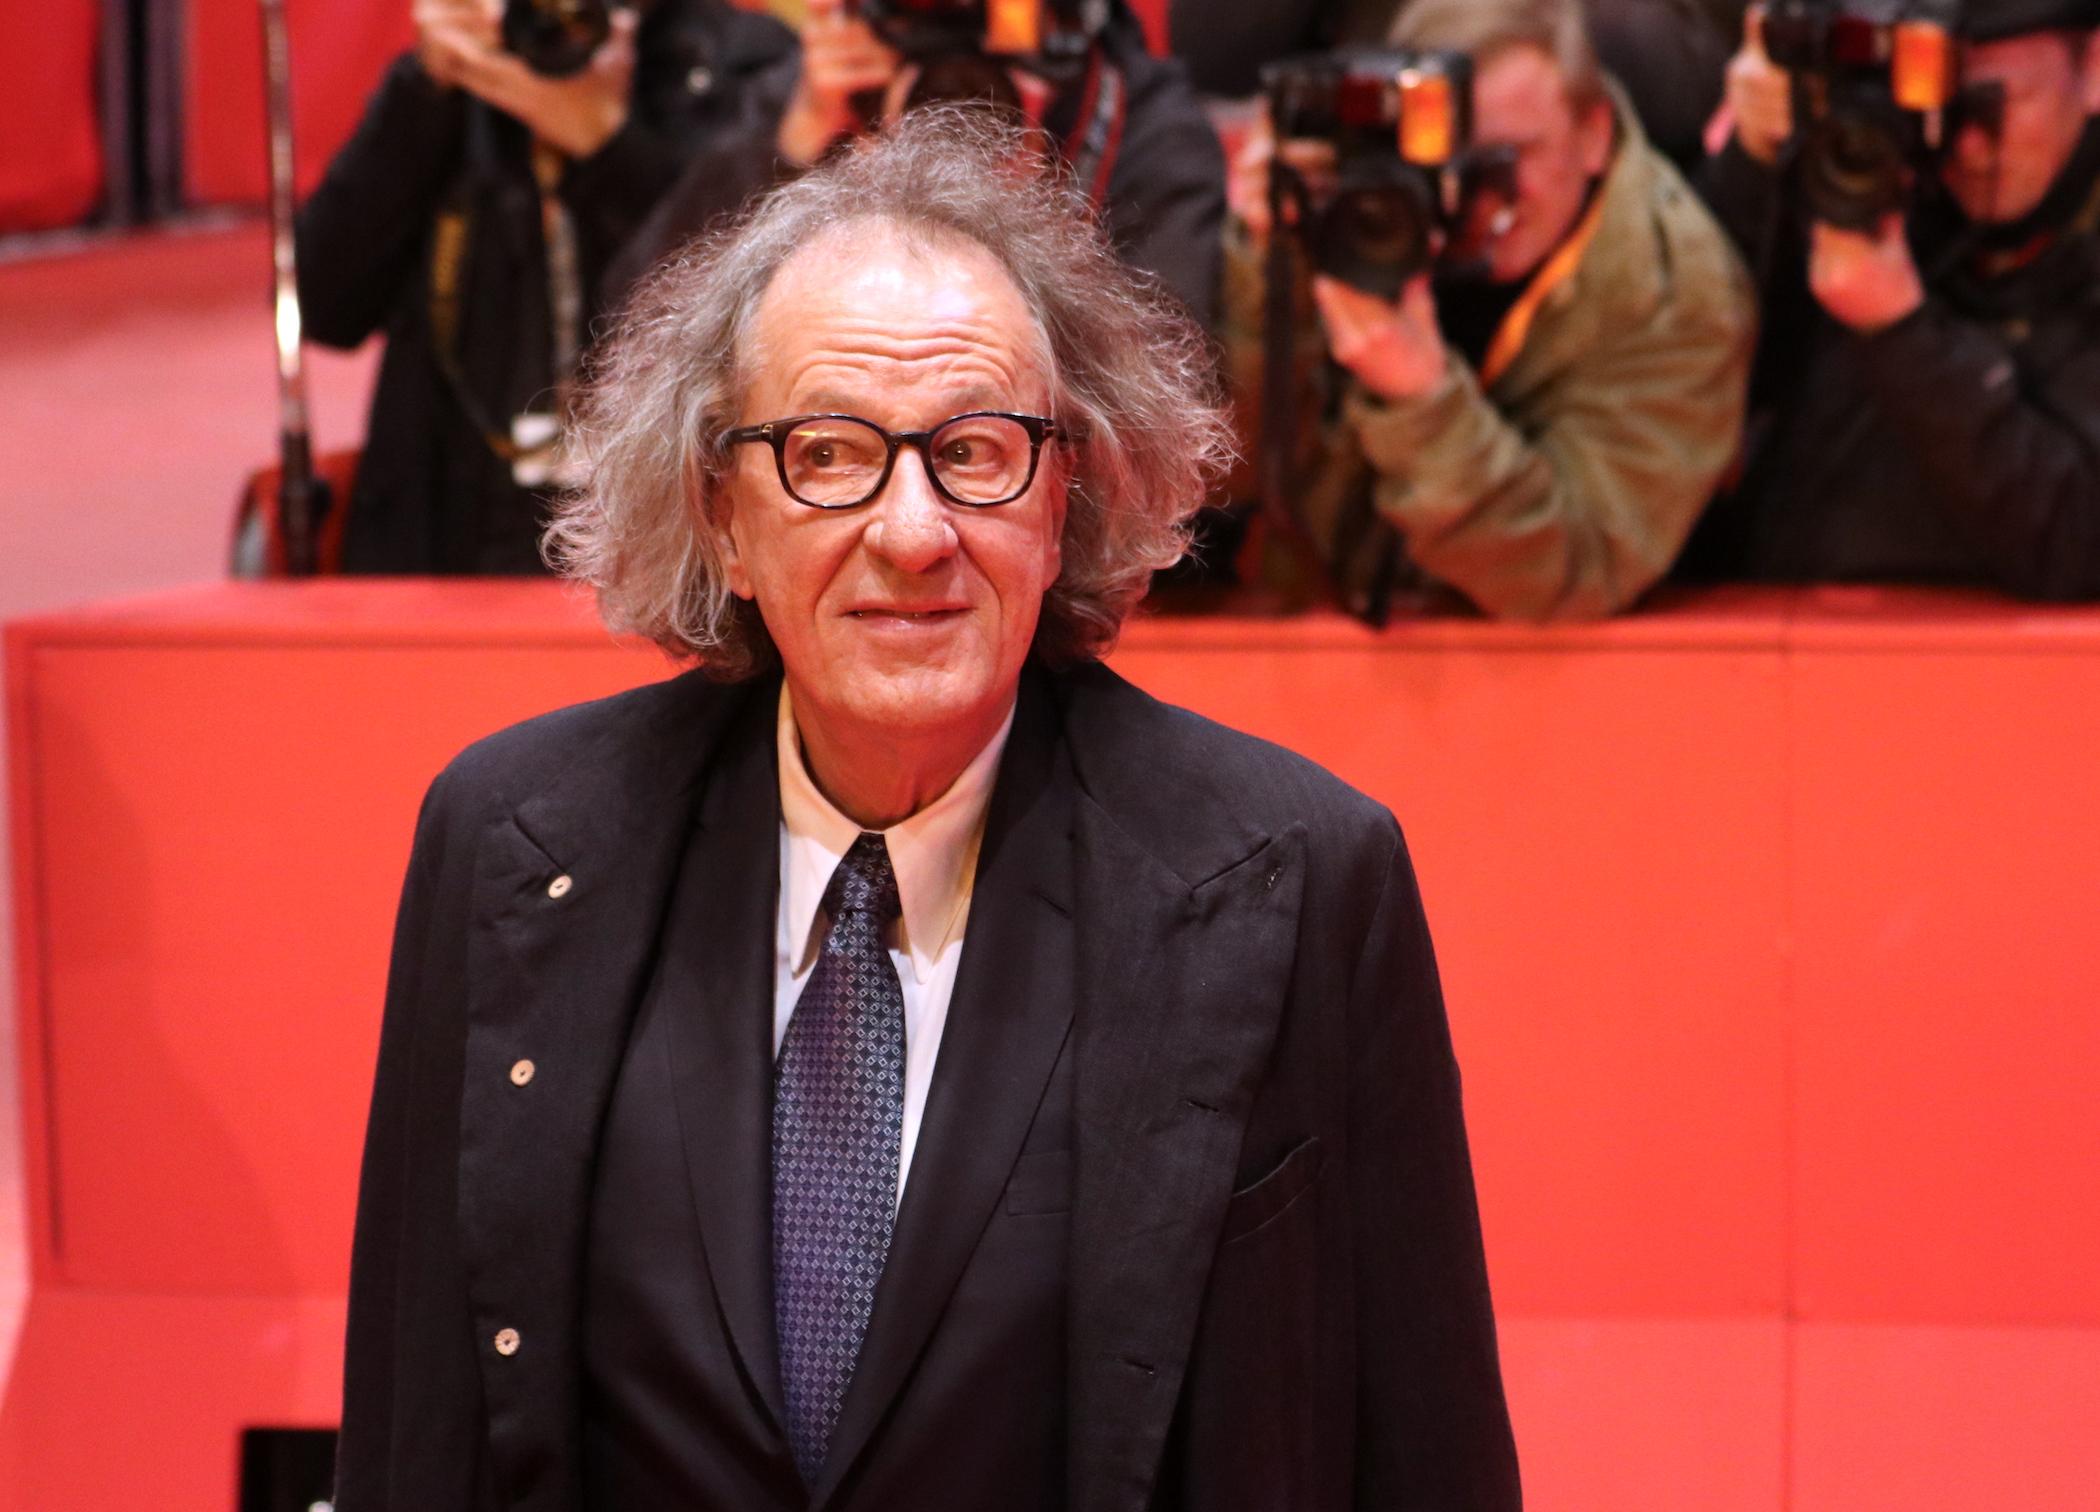 Berlino 2017: uno scatto di Geoffrey Rush sul red carpet di Final Portrait